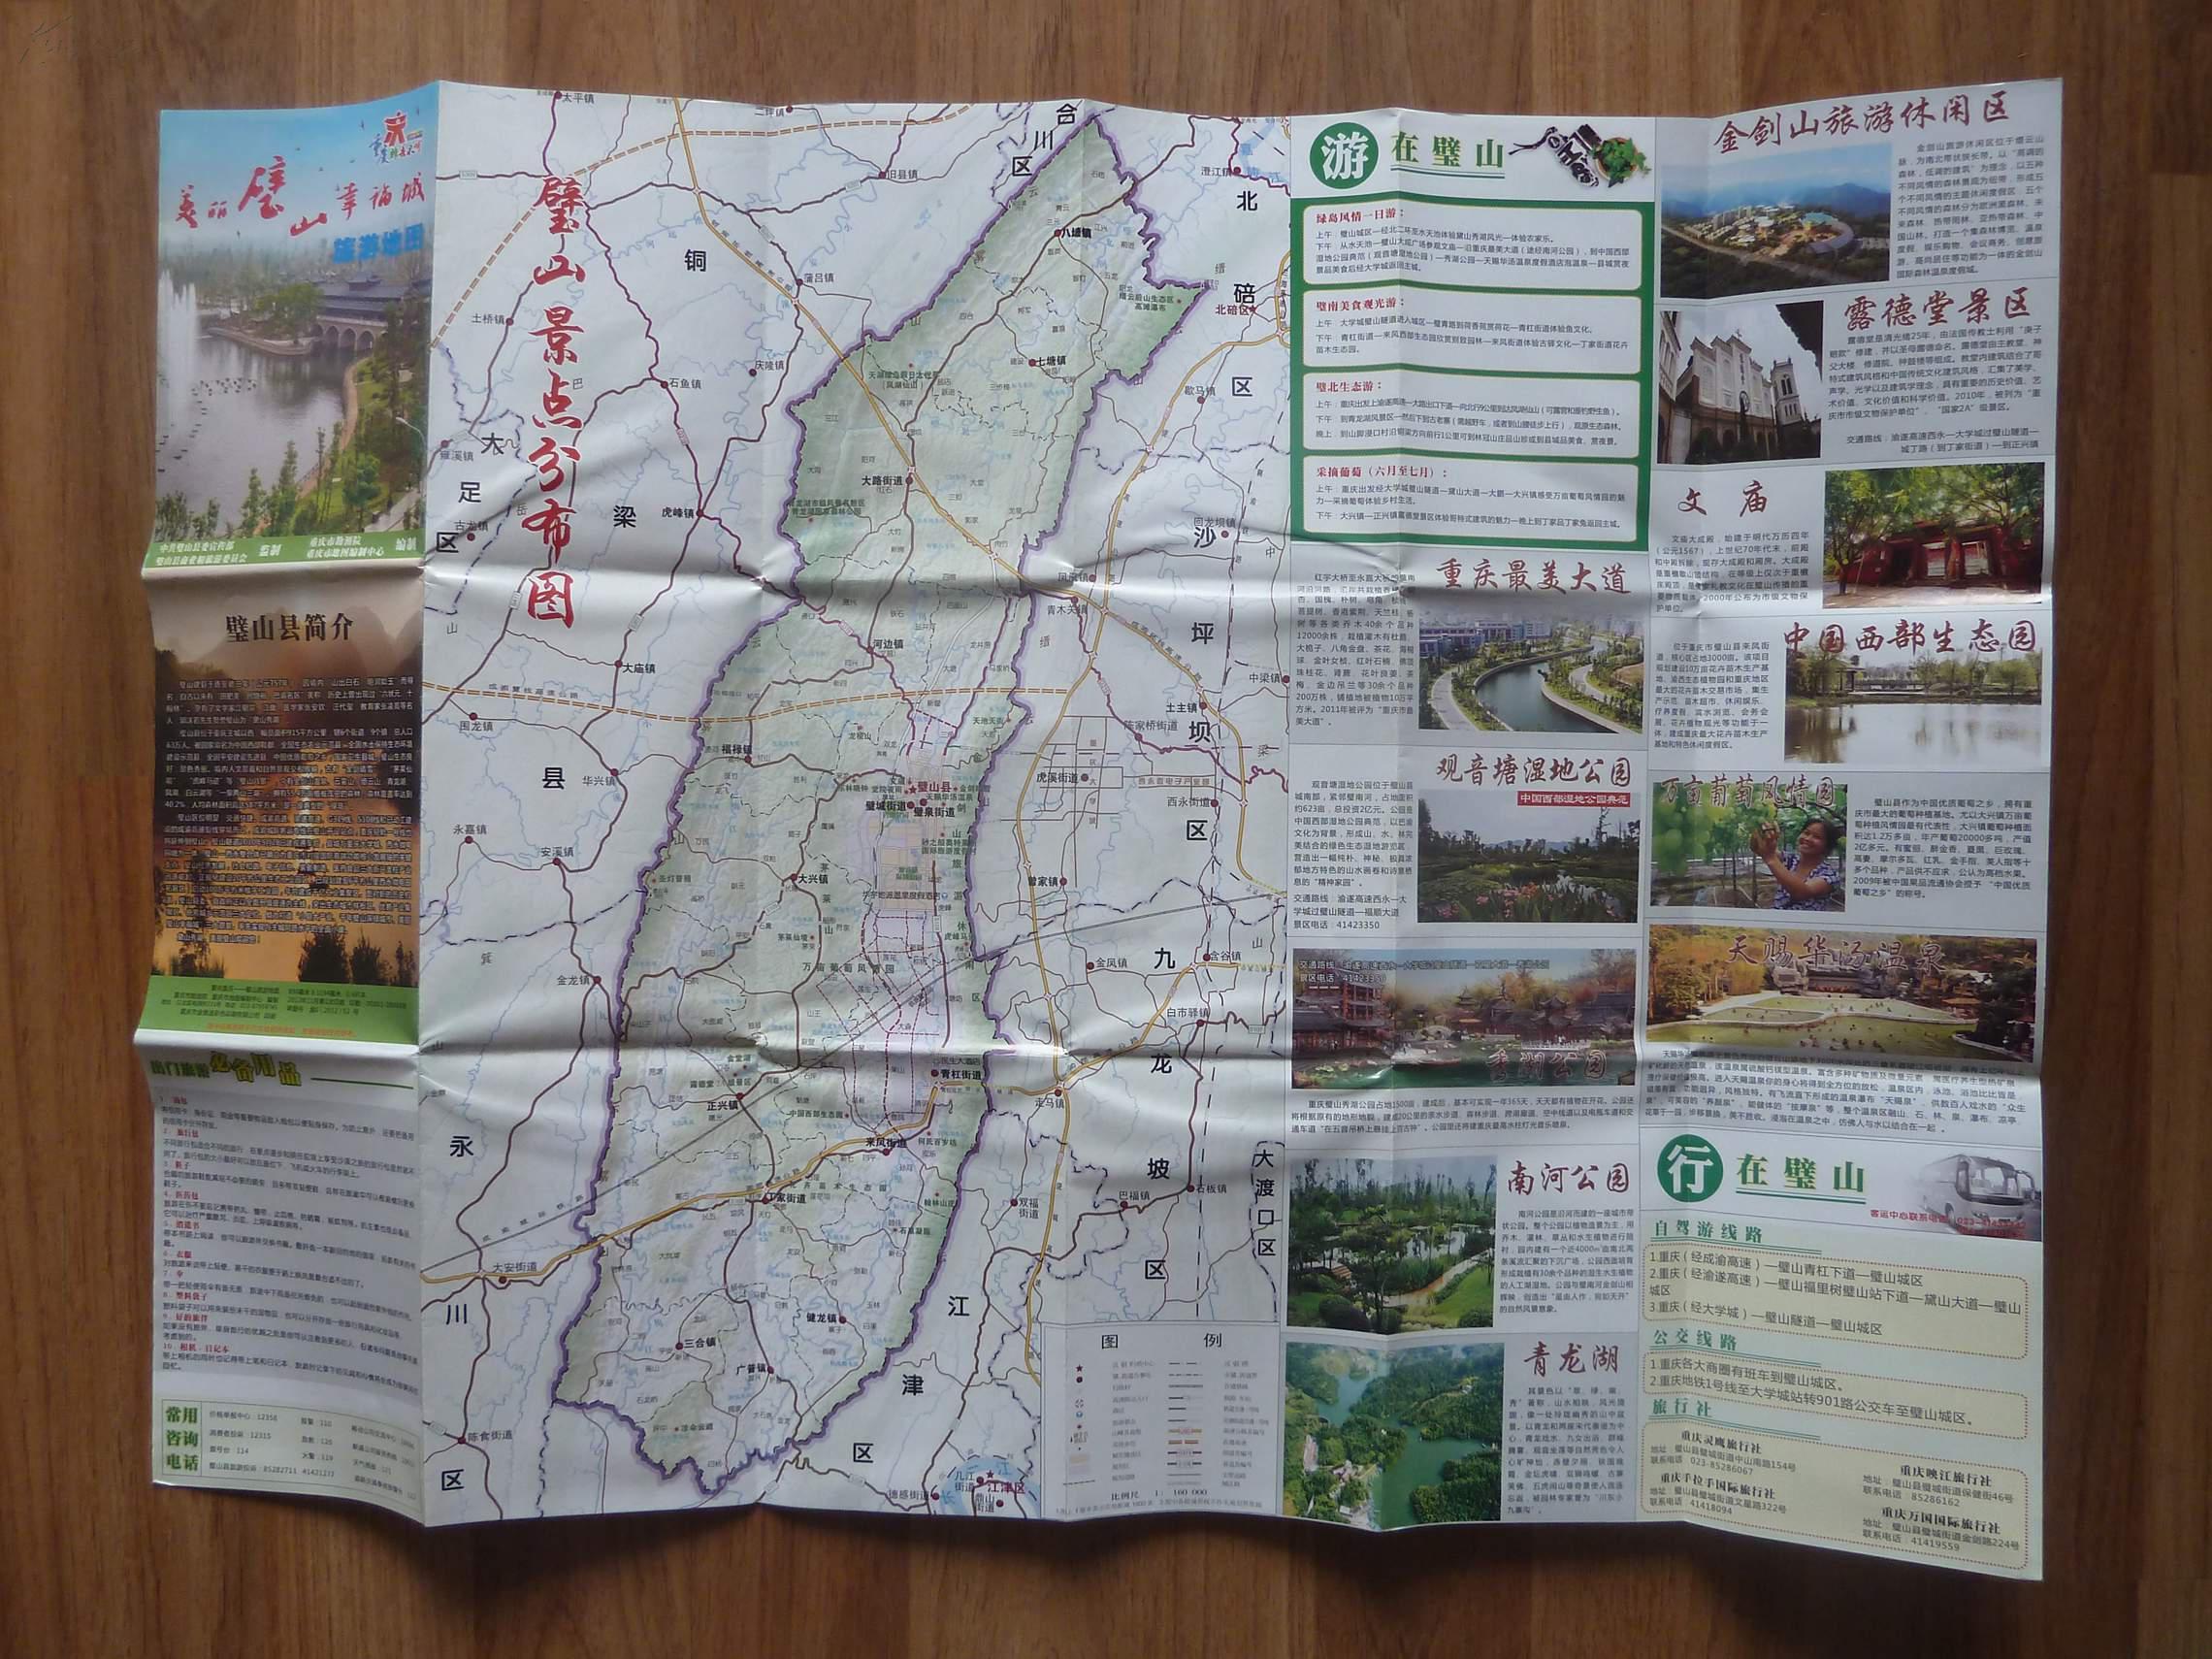 【图】璧山县旅游地图